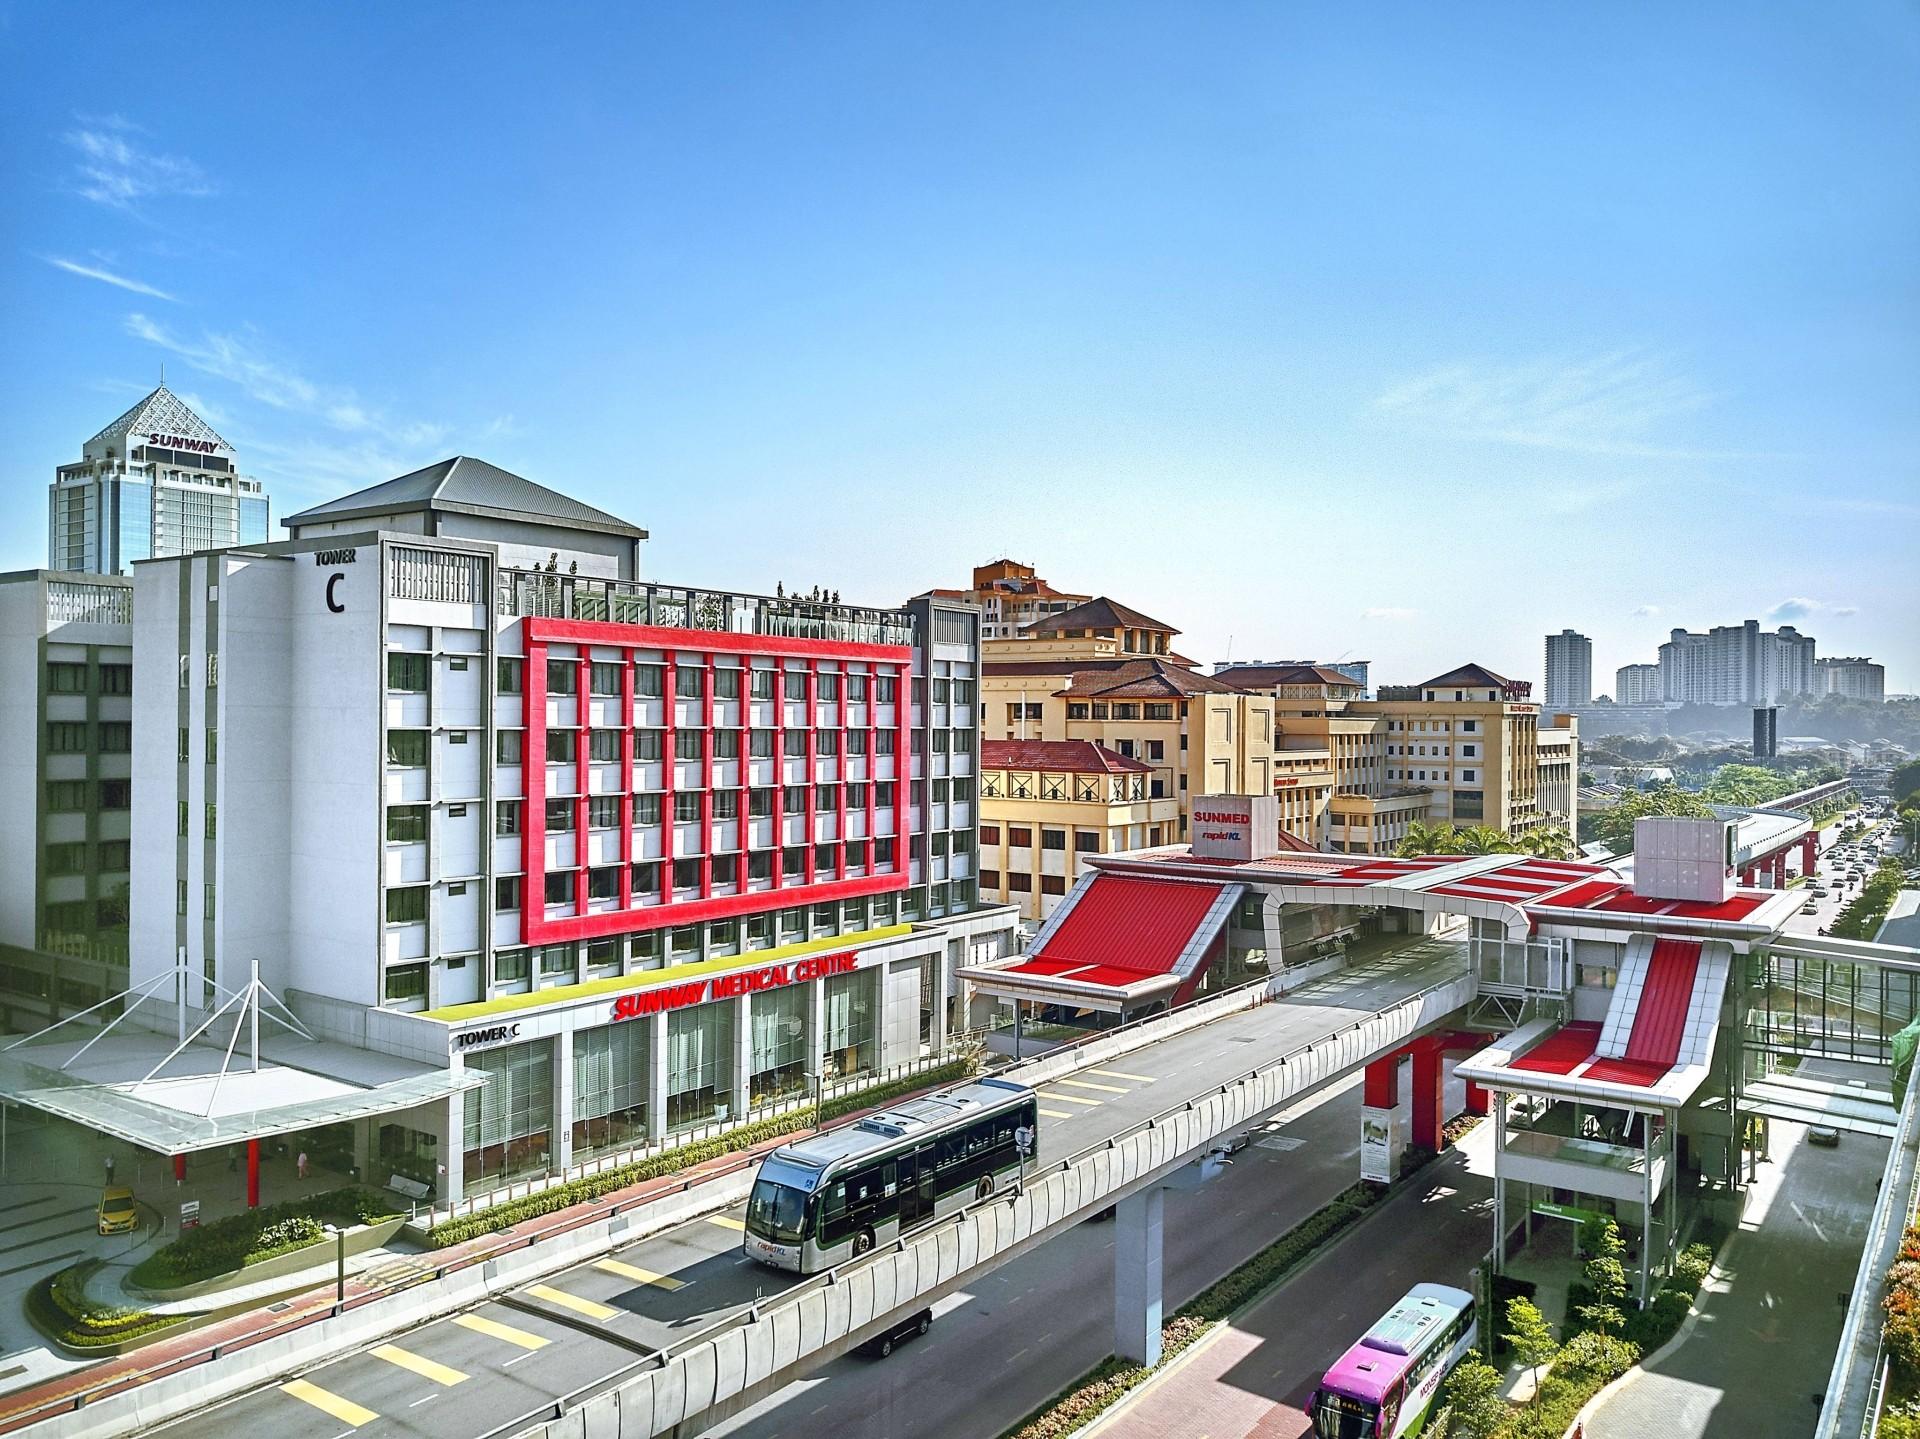 Bệnh viện Sunway (Malaysia) - Nơi có hệ thống y tế tương đồng thậm chí vượt trội ở một số phương án điều trị với chi phí hợp lý hơn rất nhiều.